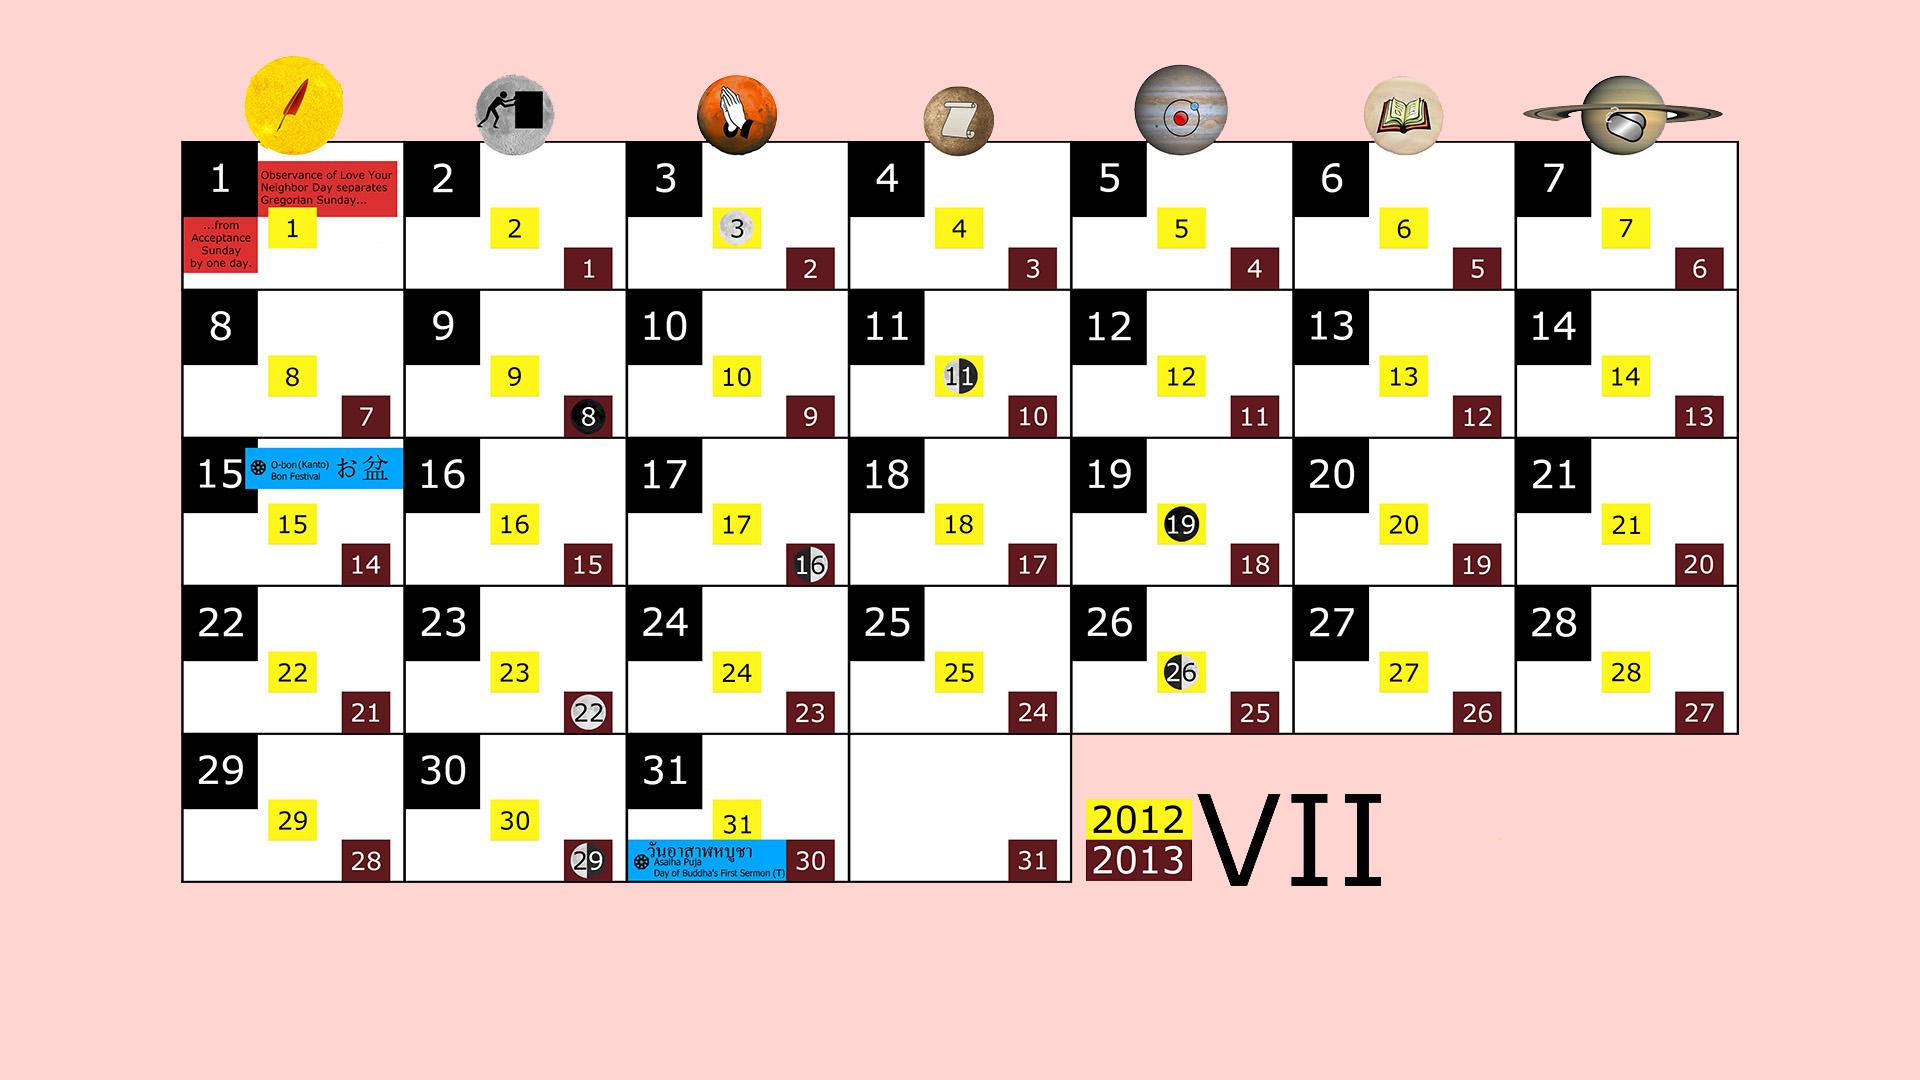 Miesięczny kalendarz świąt na lipiec 2012 and 2013 na różowym tle